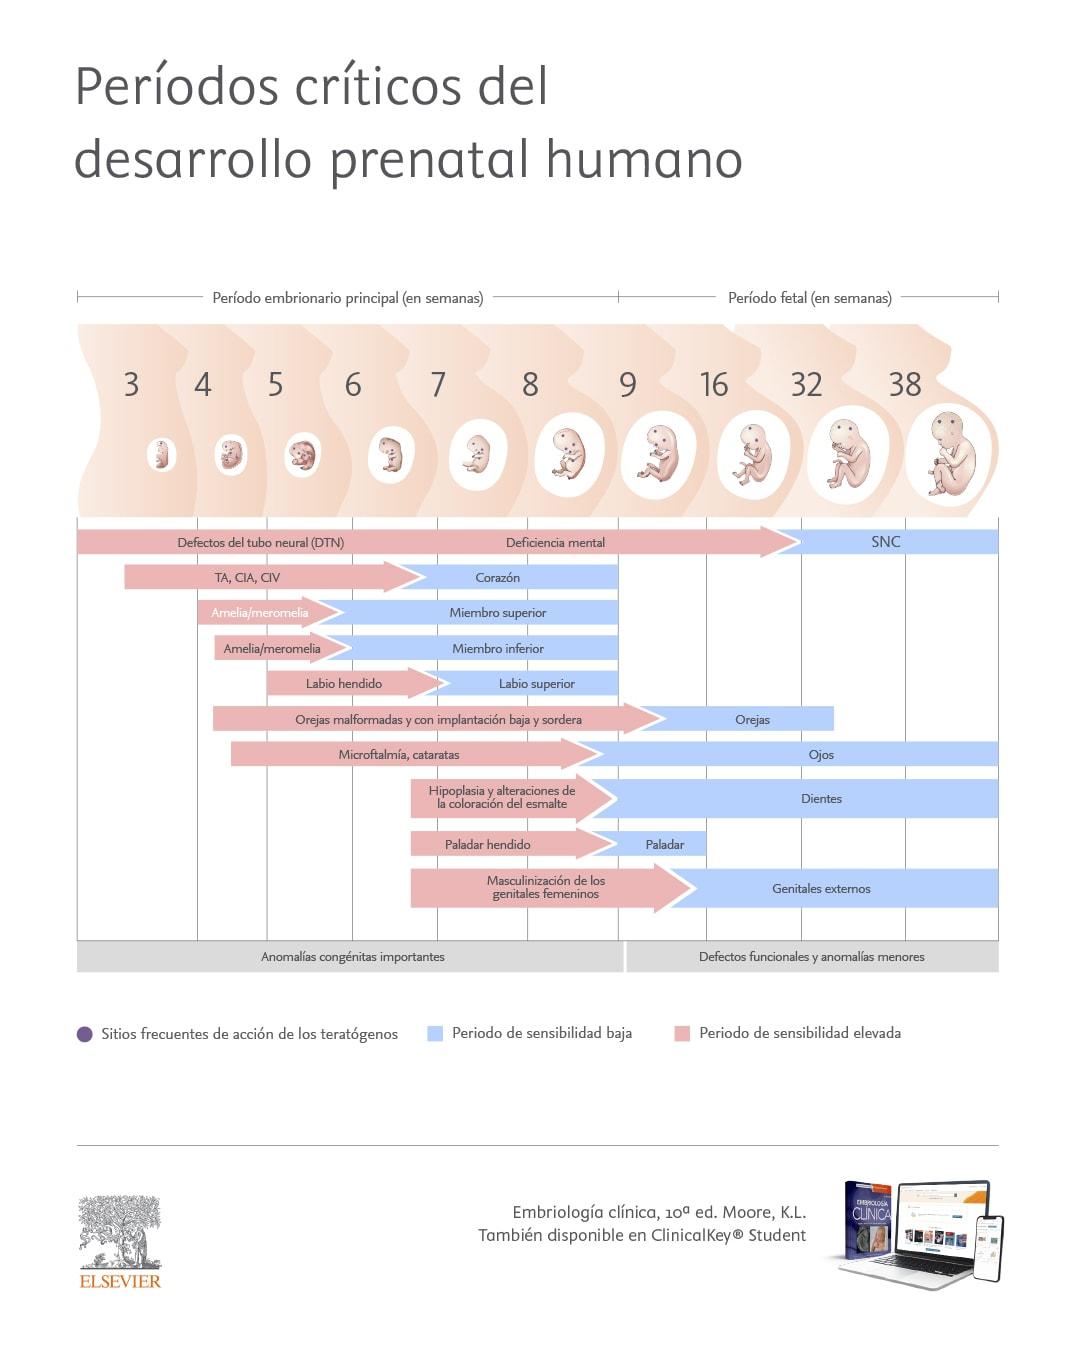 Períodos críticos del desarrollo prenatal humano